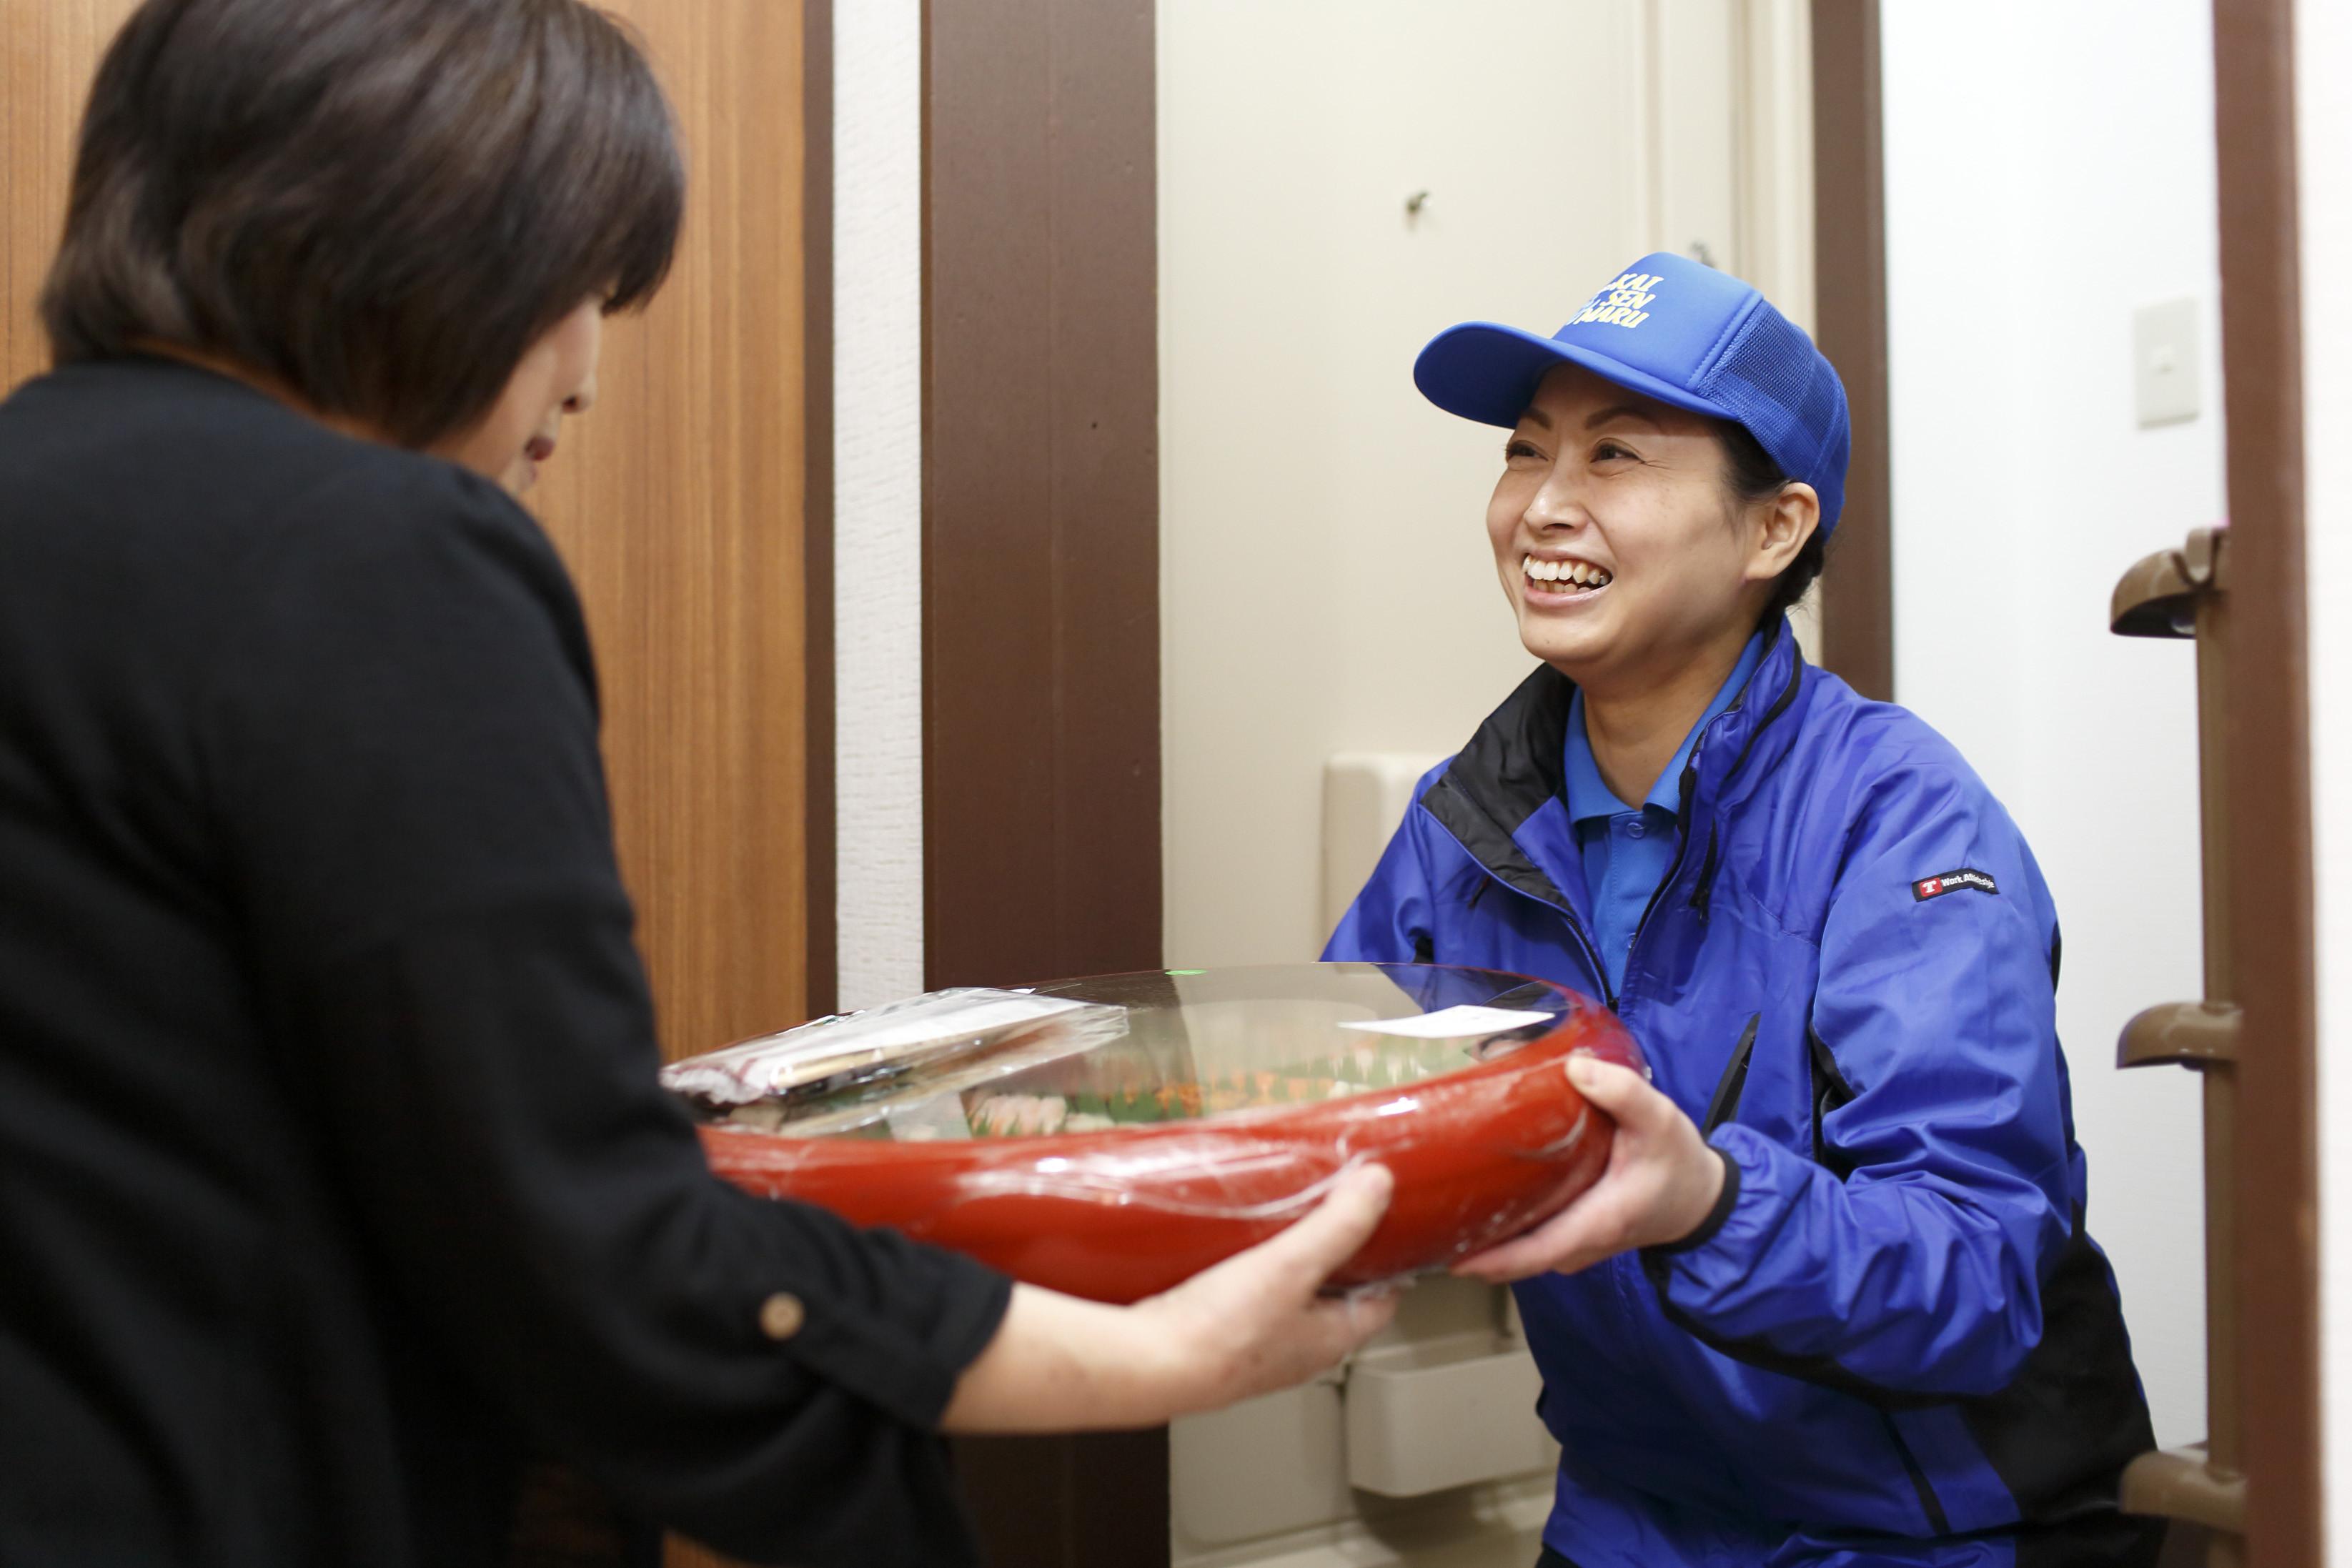 札幌海鮮丸 天童店 デリバリー(配達)スタッフのアルバイト情報